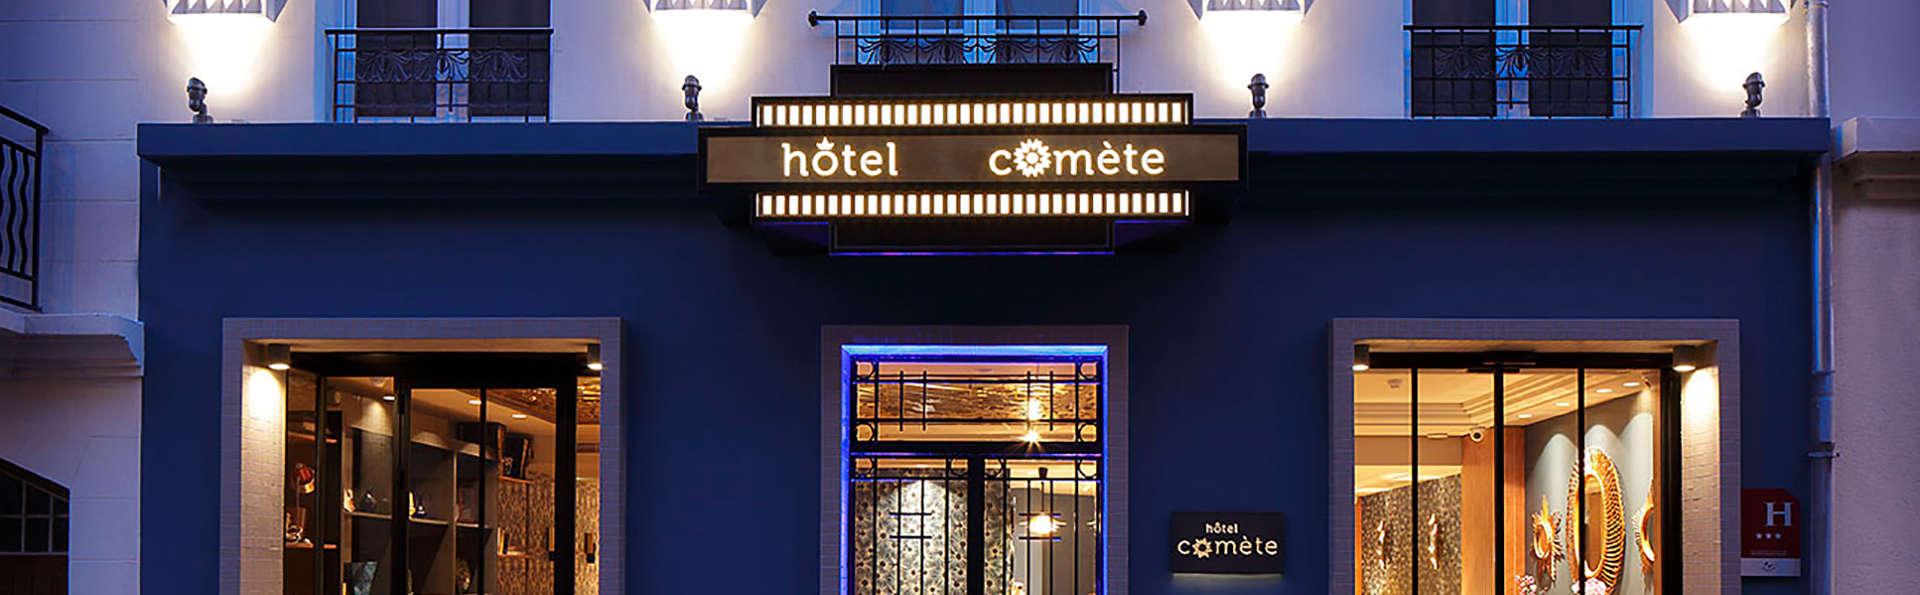 Hôtel Comète Paris - Edit_Front.jpg